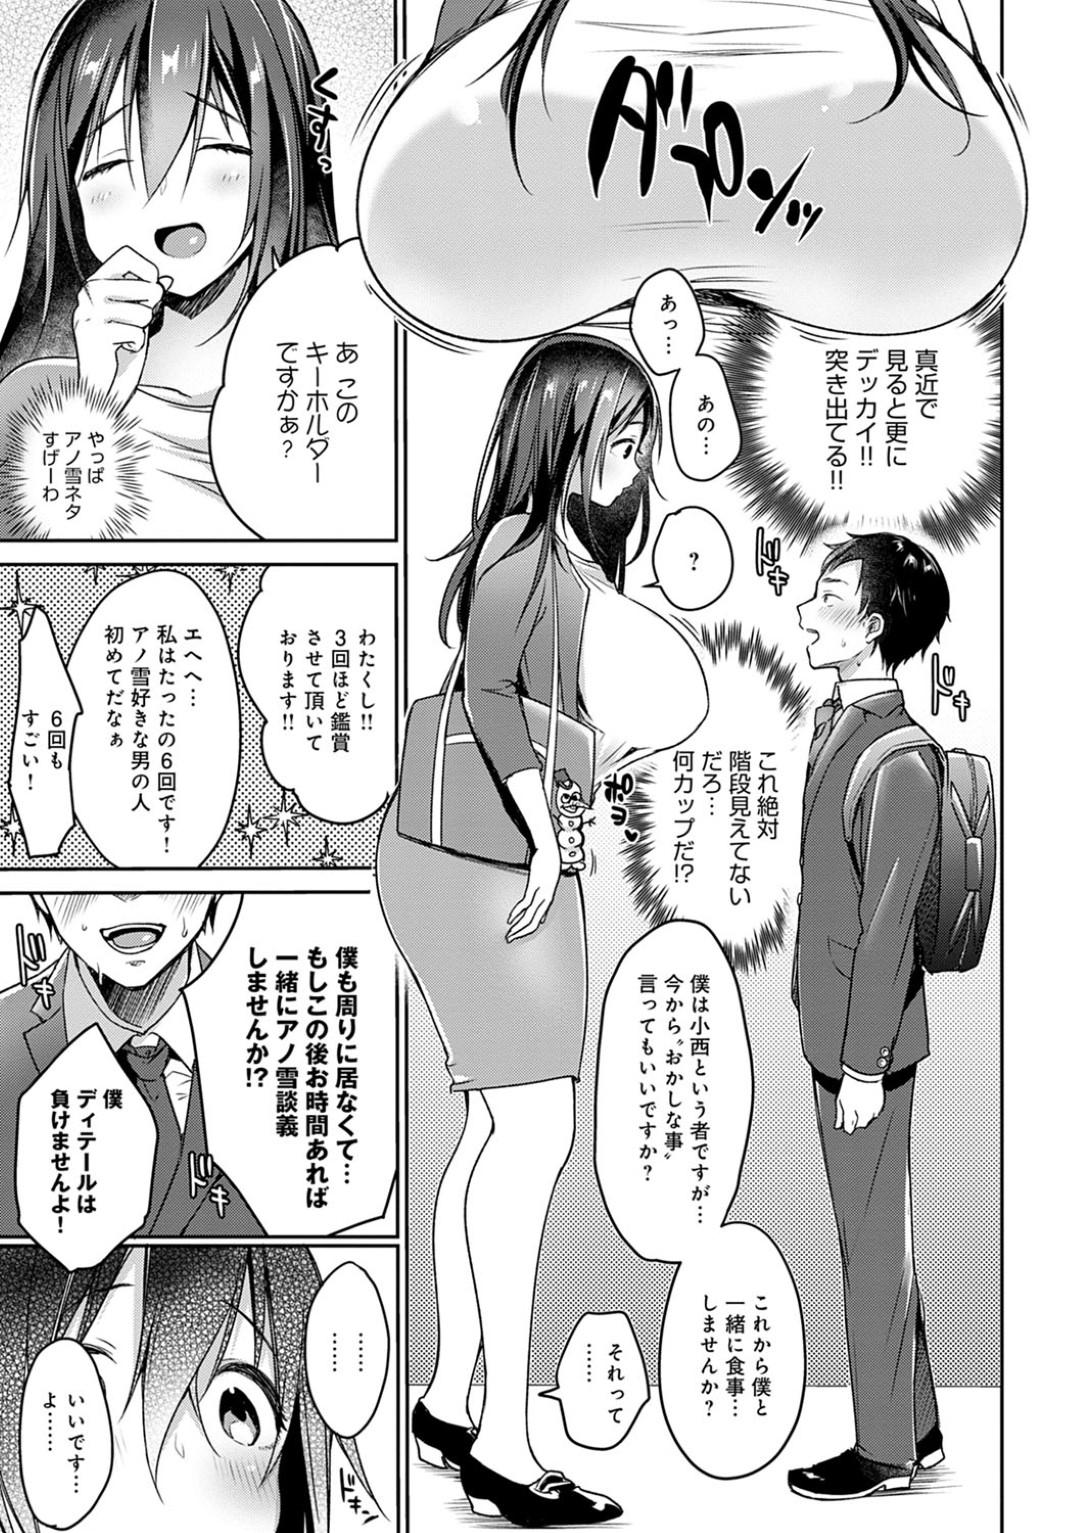 小柄なサラリーマンに駅でナンパされた高身長爆乳むっちりOLお姉さん…ご飯のあとラブホで襲われて陥没乳首を舐められ感じまくり連続イチャラブ生ハメ中出しセックスで絶頂しまくる【みさおか:東京Tall&Short